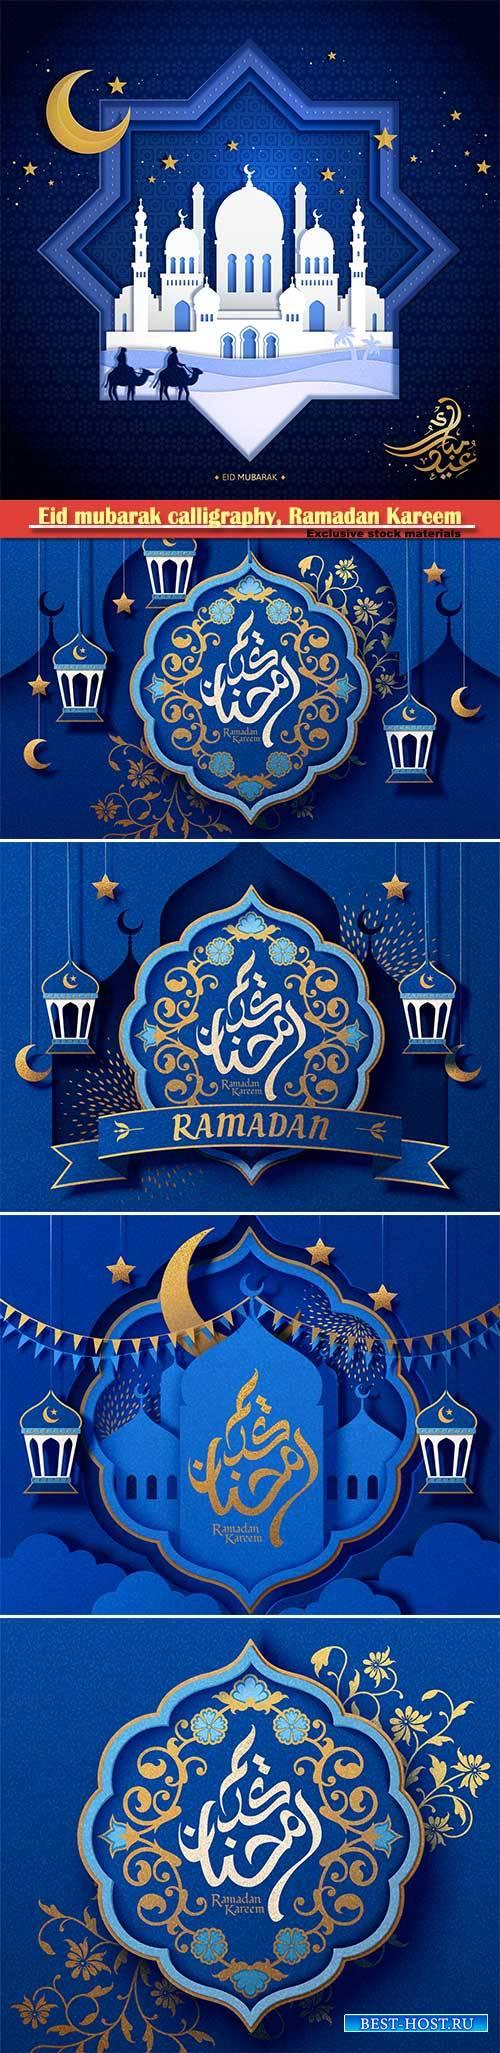 Eid mubarak calligraphy, Ramadan Kareem vector card # 6